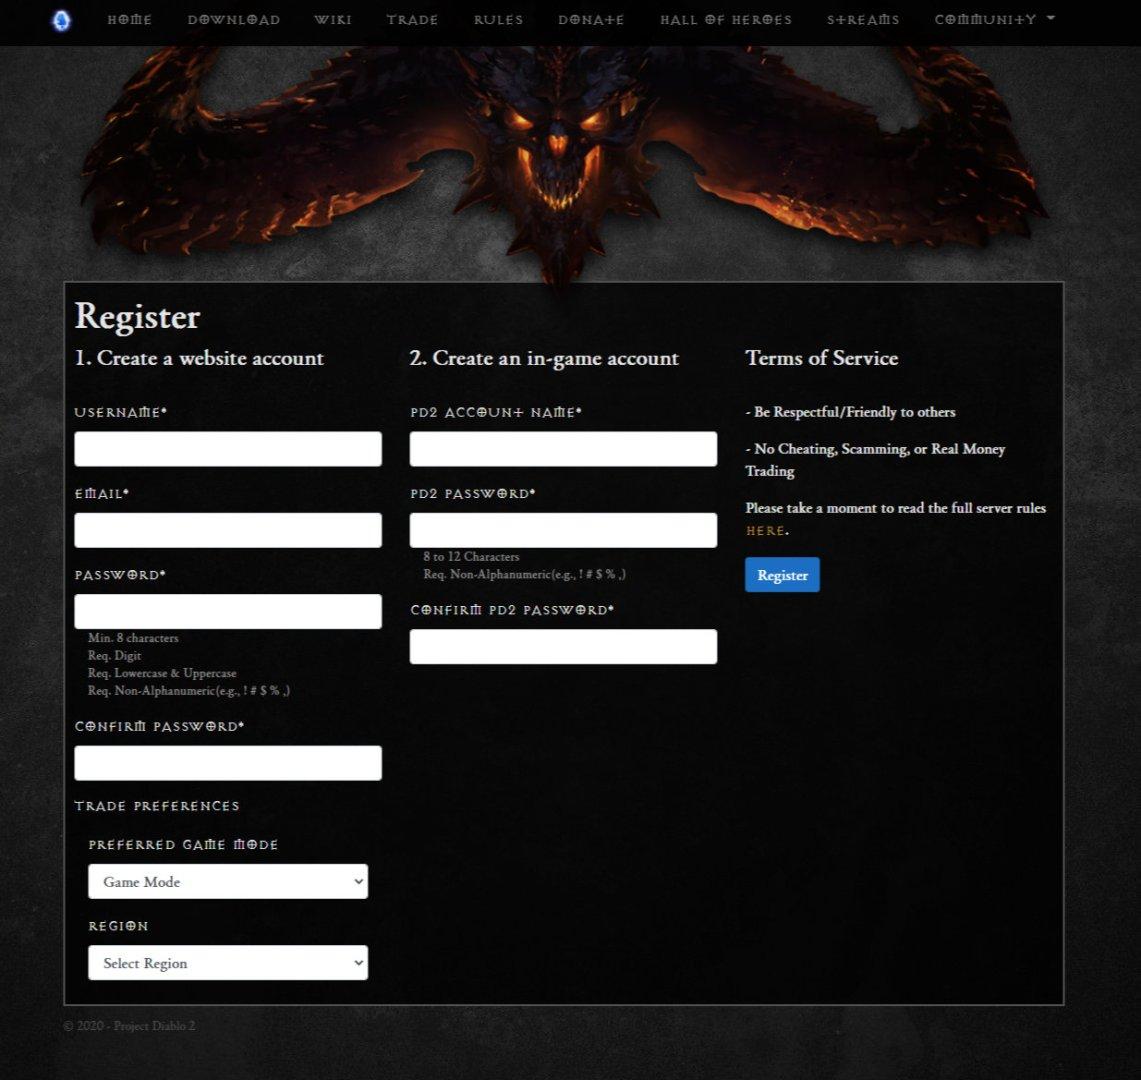 Project Diablo II - Auf der Mod Webseite registrieren